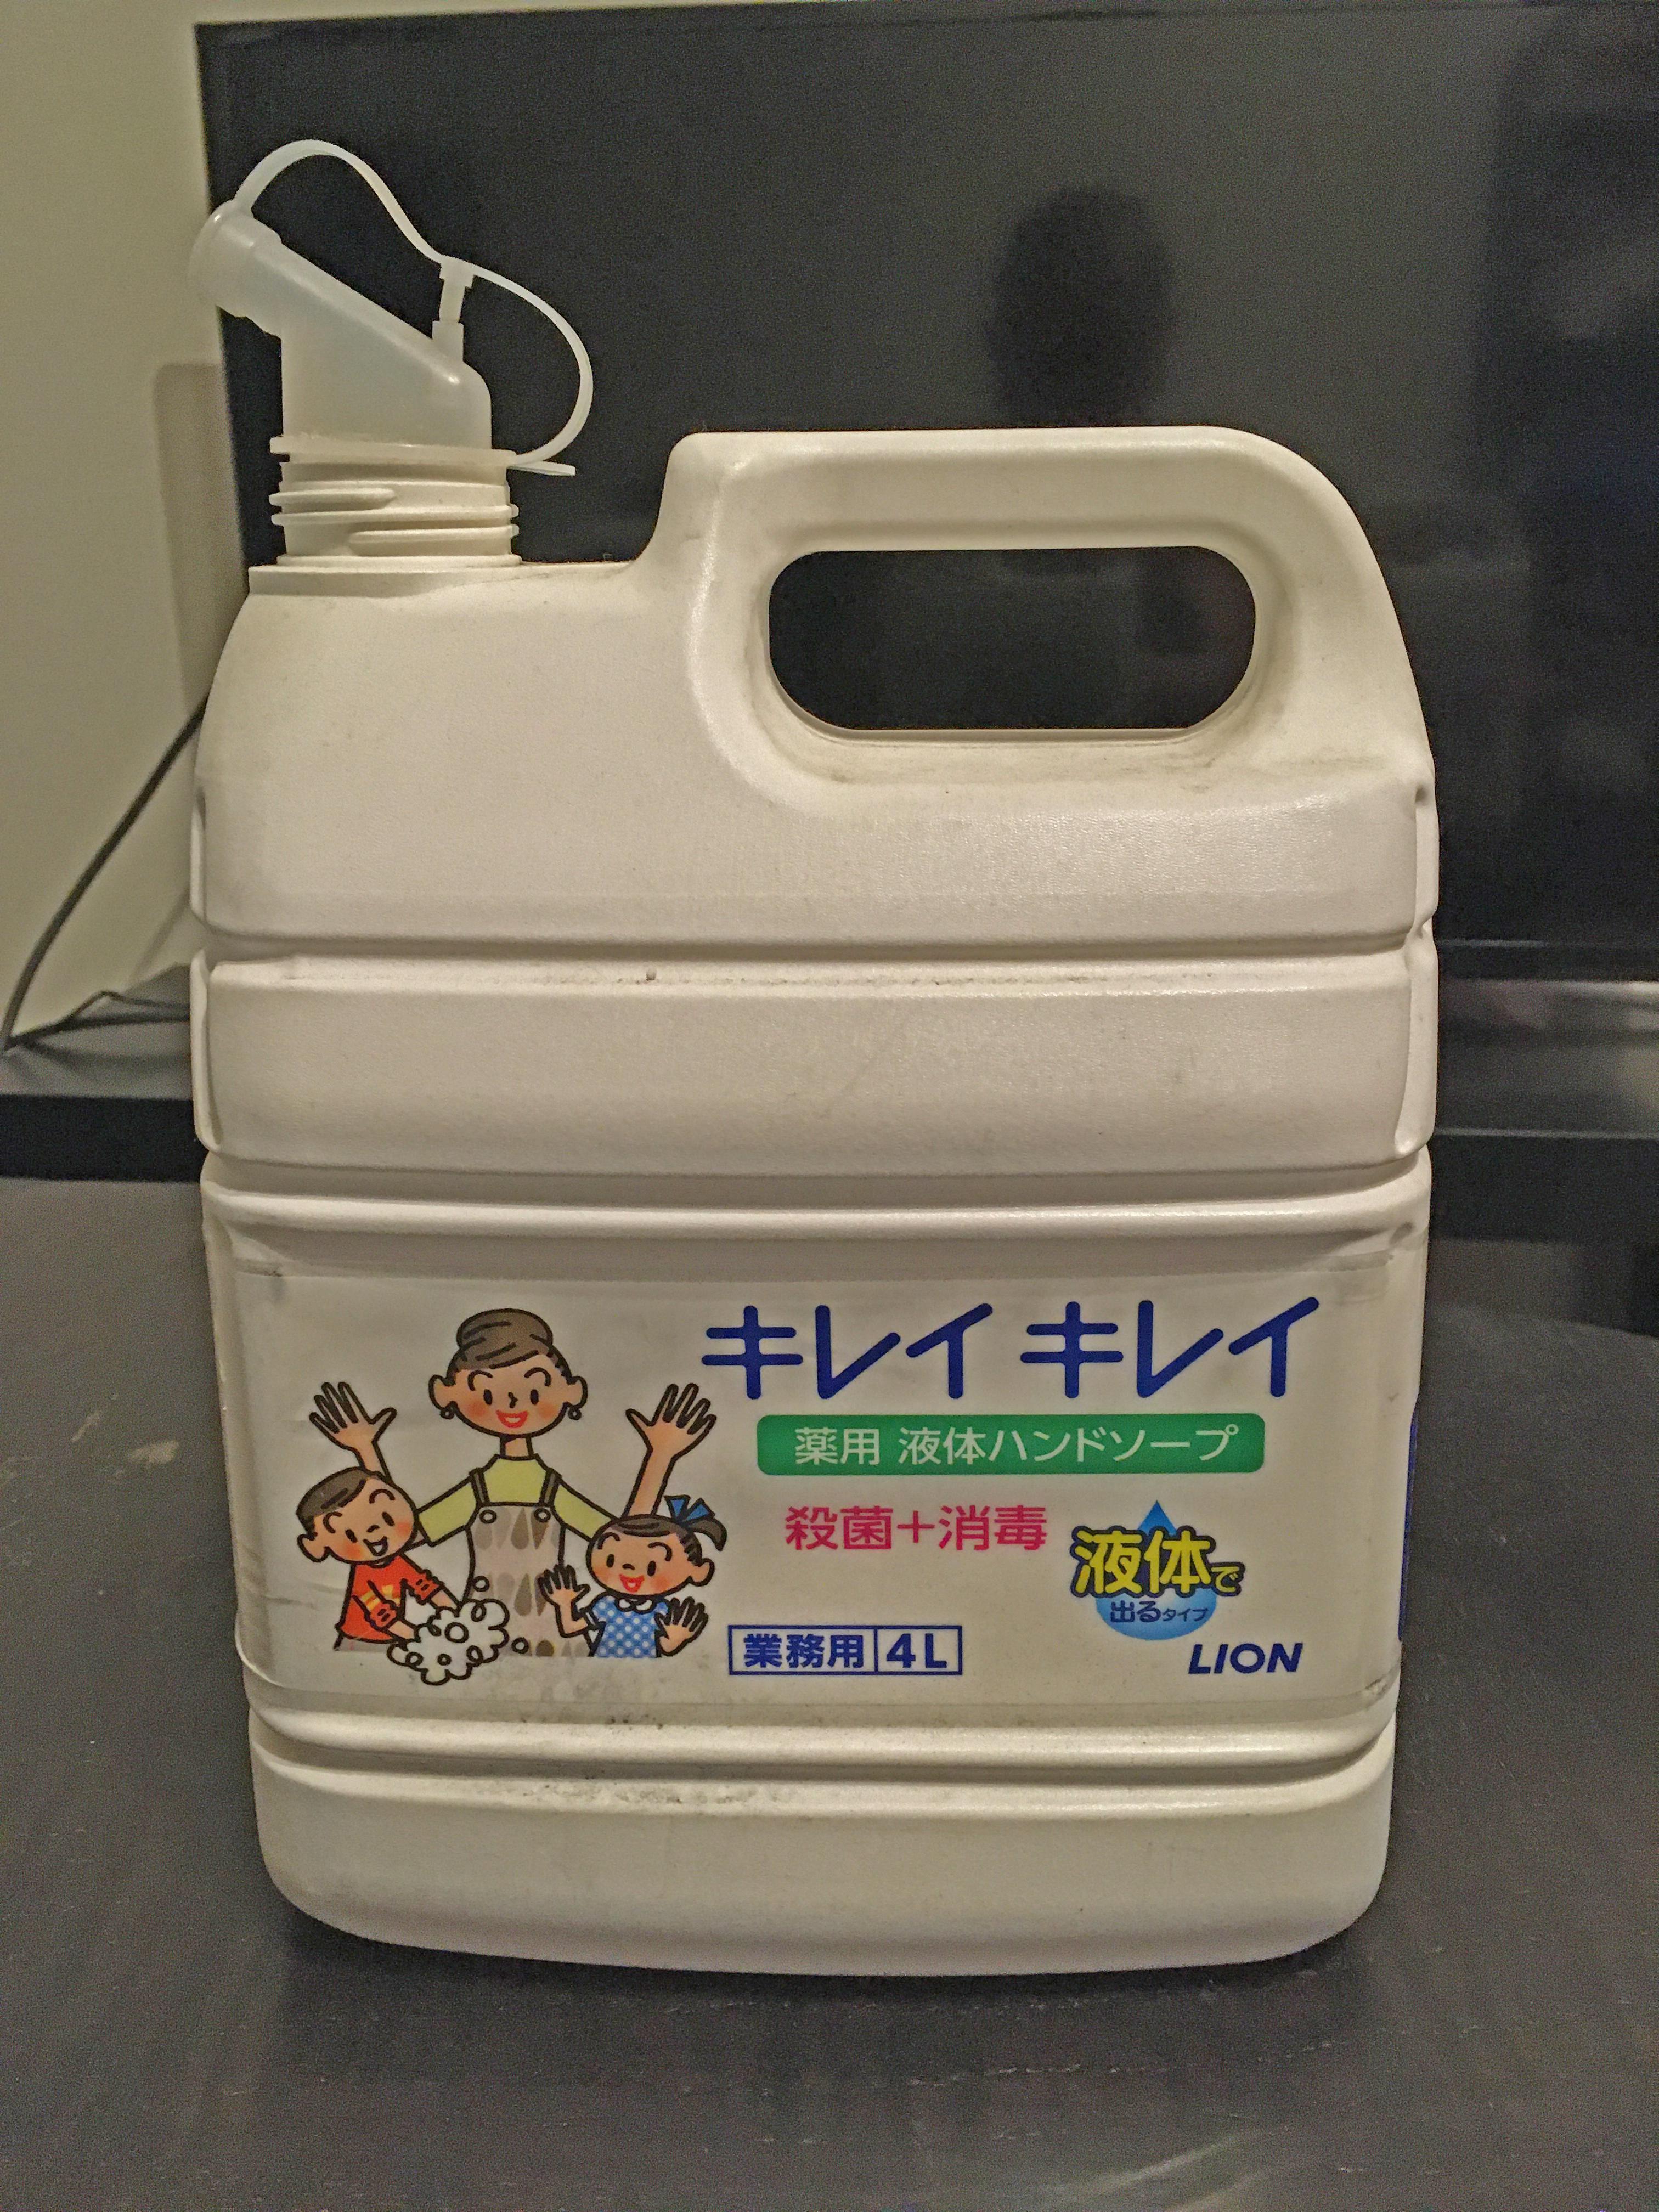 手洗いハンドソープ 液体